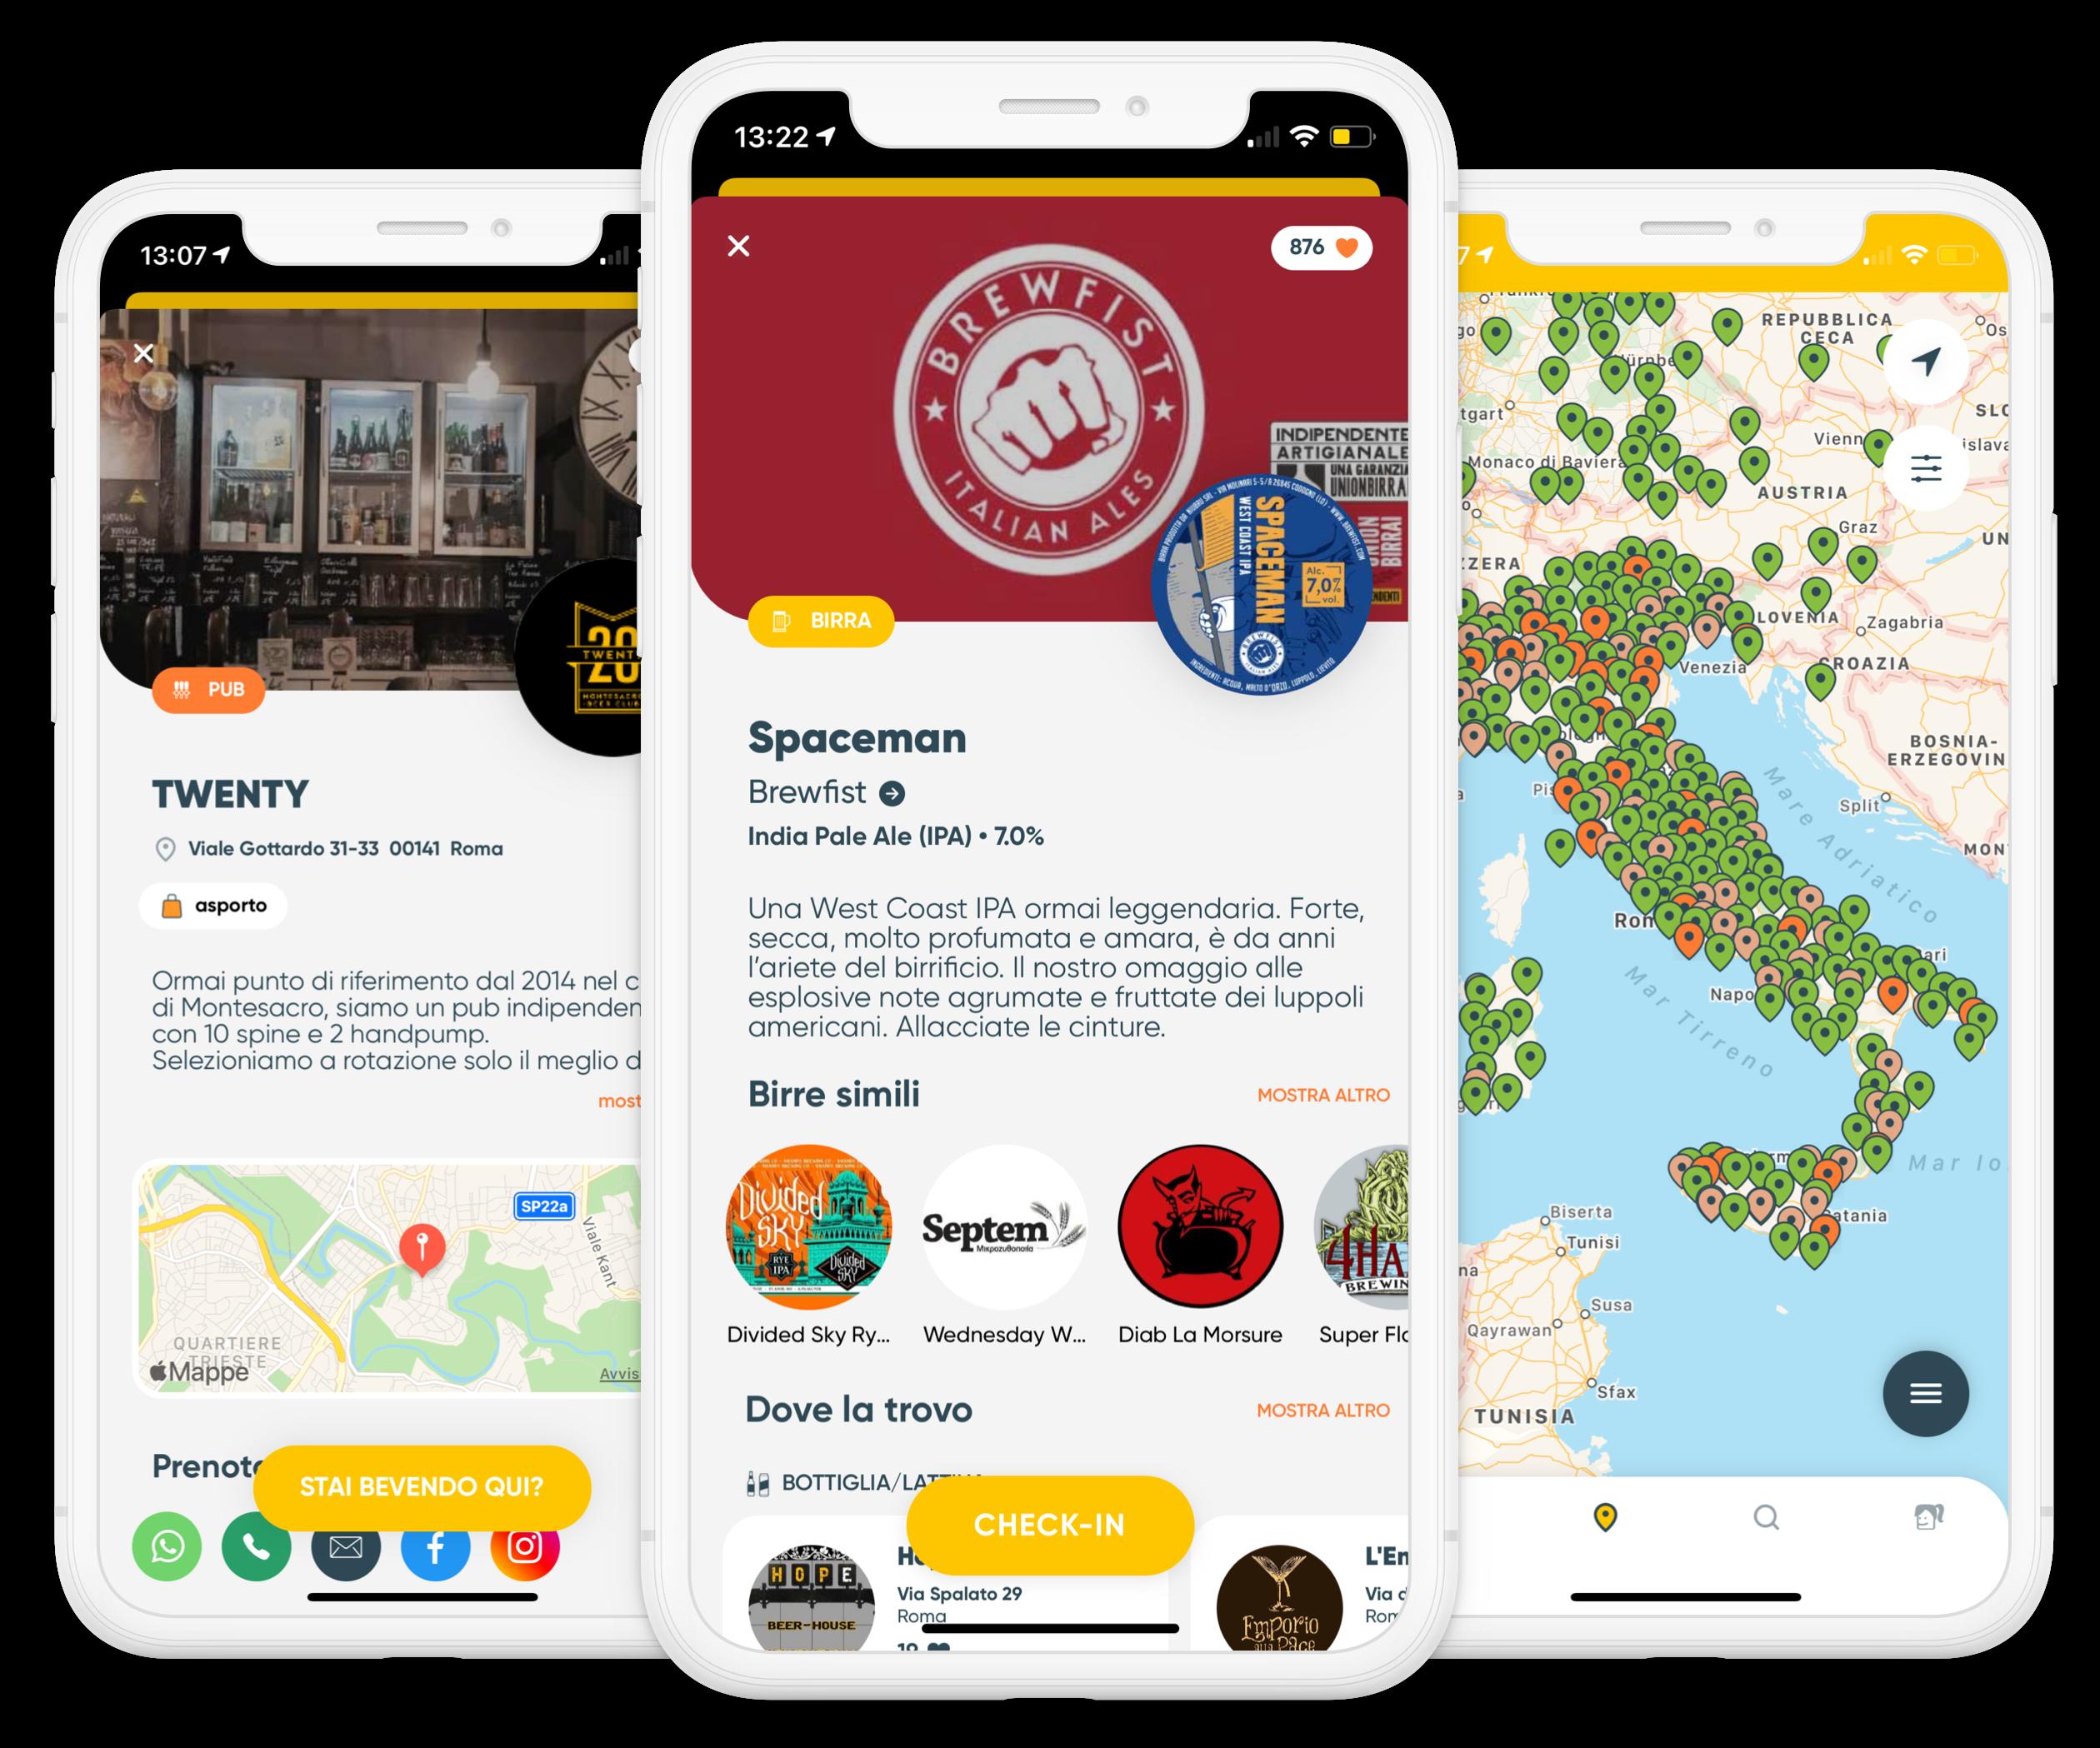 Tutto il mondo della birra in un'app